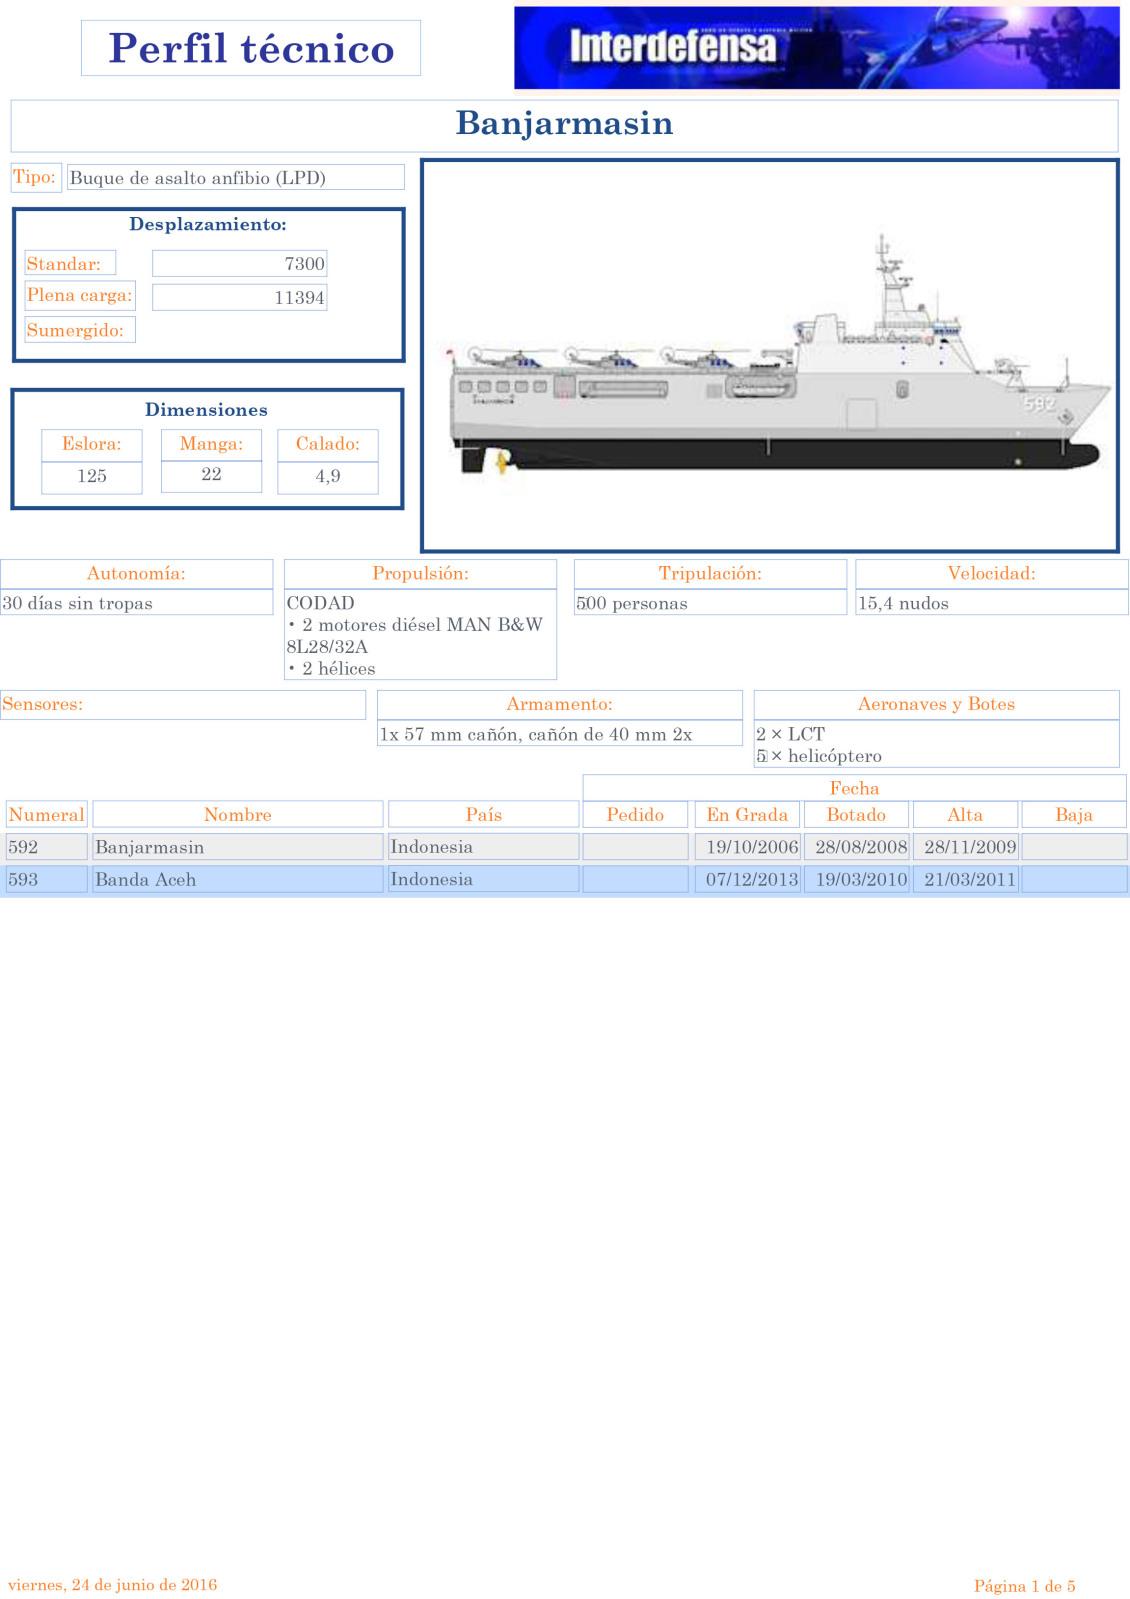 Astillero Río Santiago y Daewoo proponen construir un buque multipropósito para la Armada - Página 2 1e7xaf